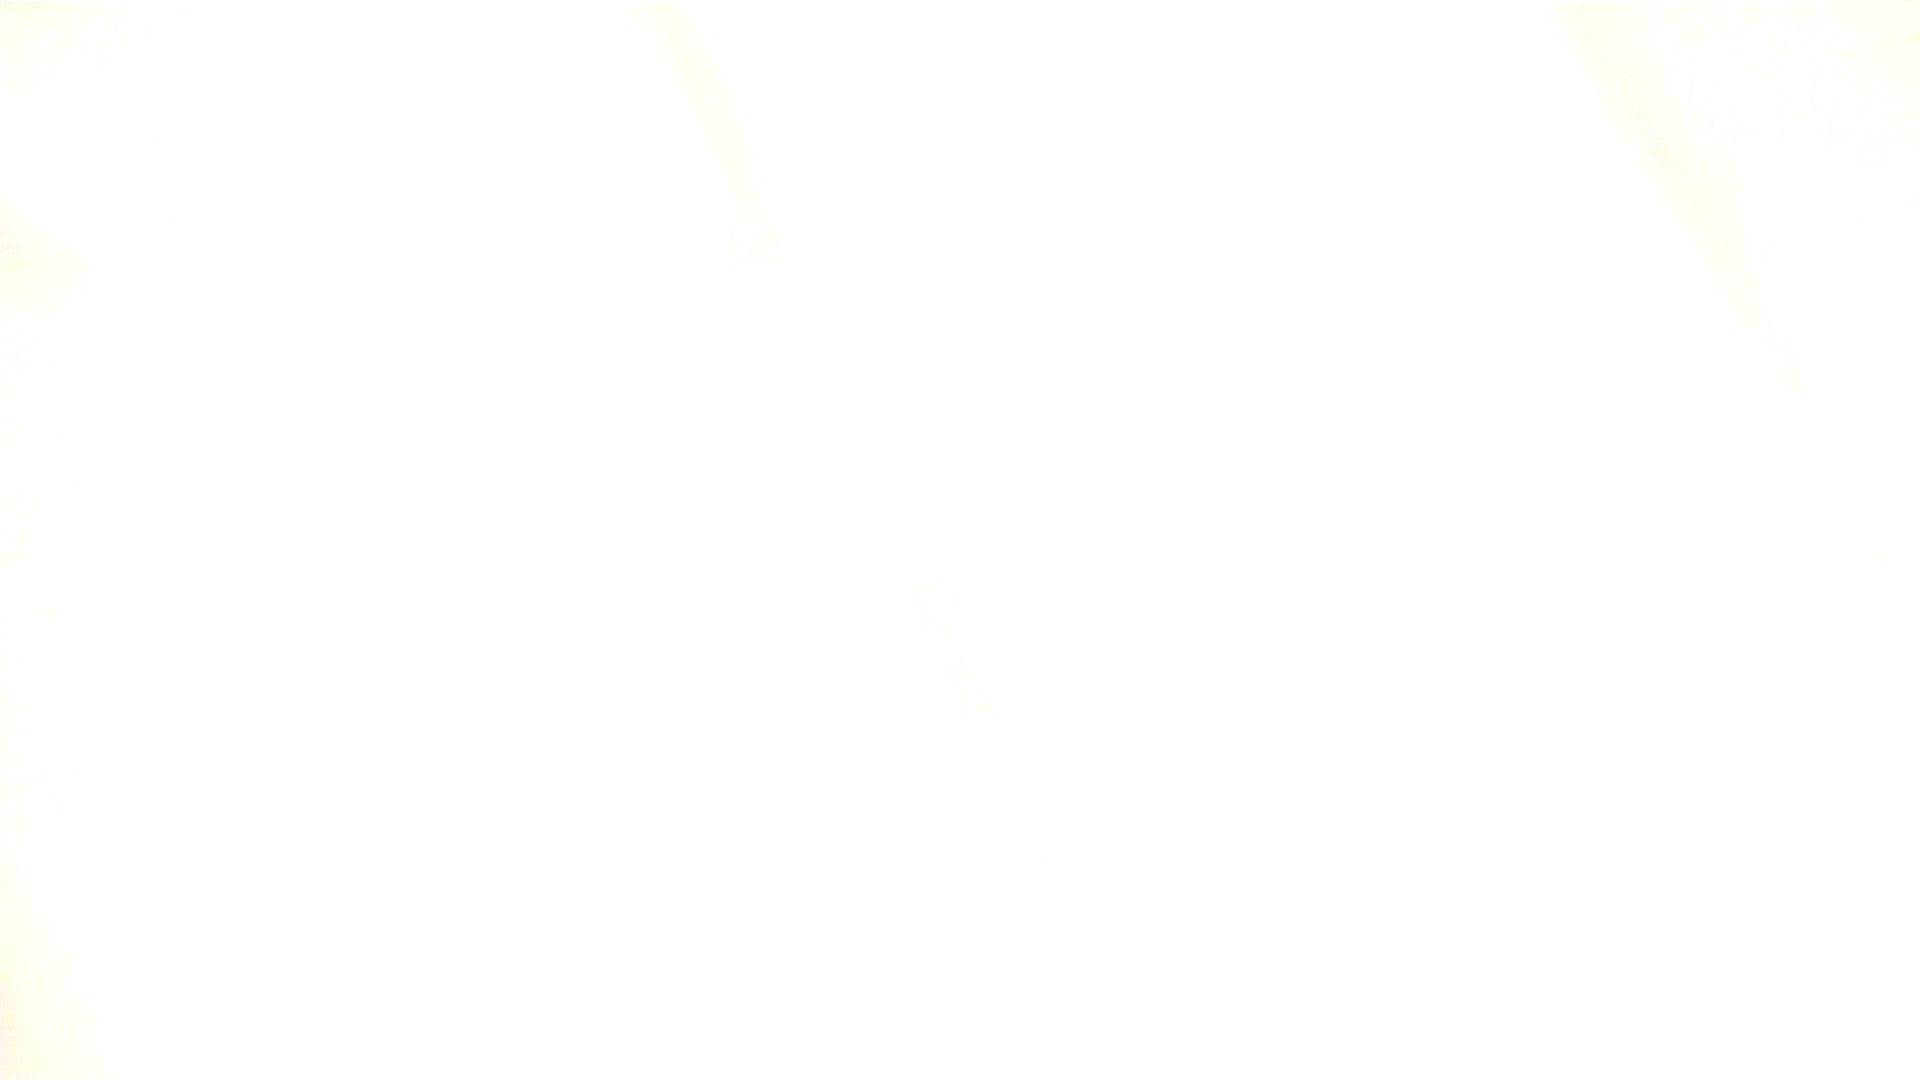 ナースのお小水 vol.005 Hなナース | 下半身  98pic 35